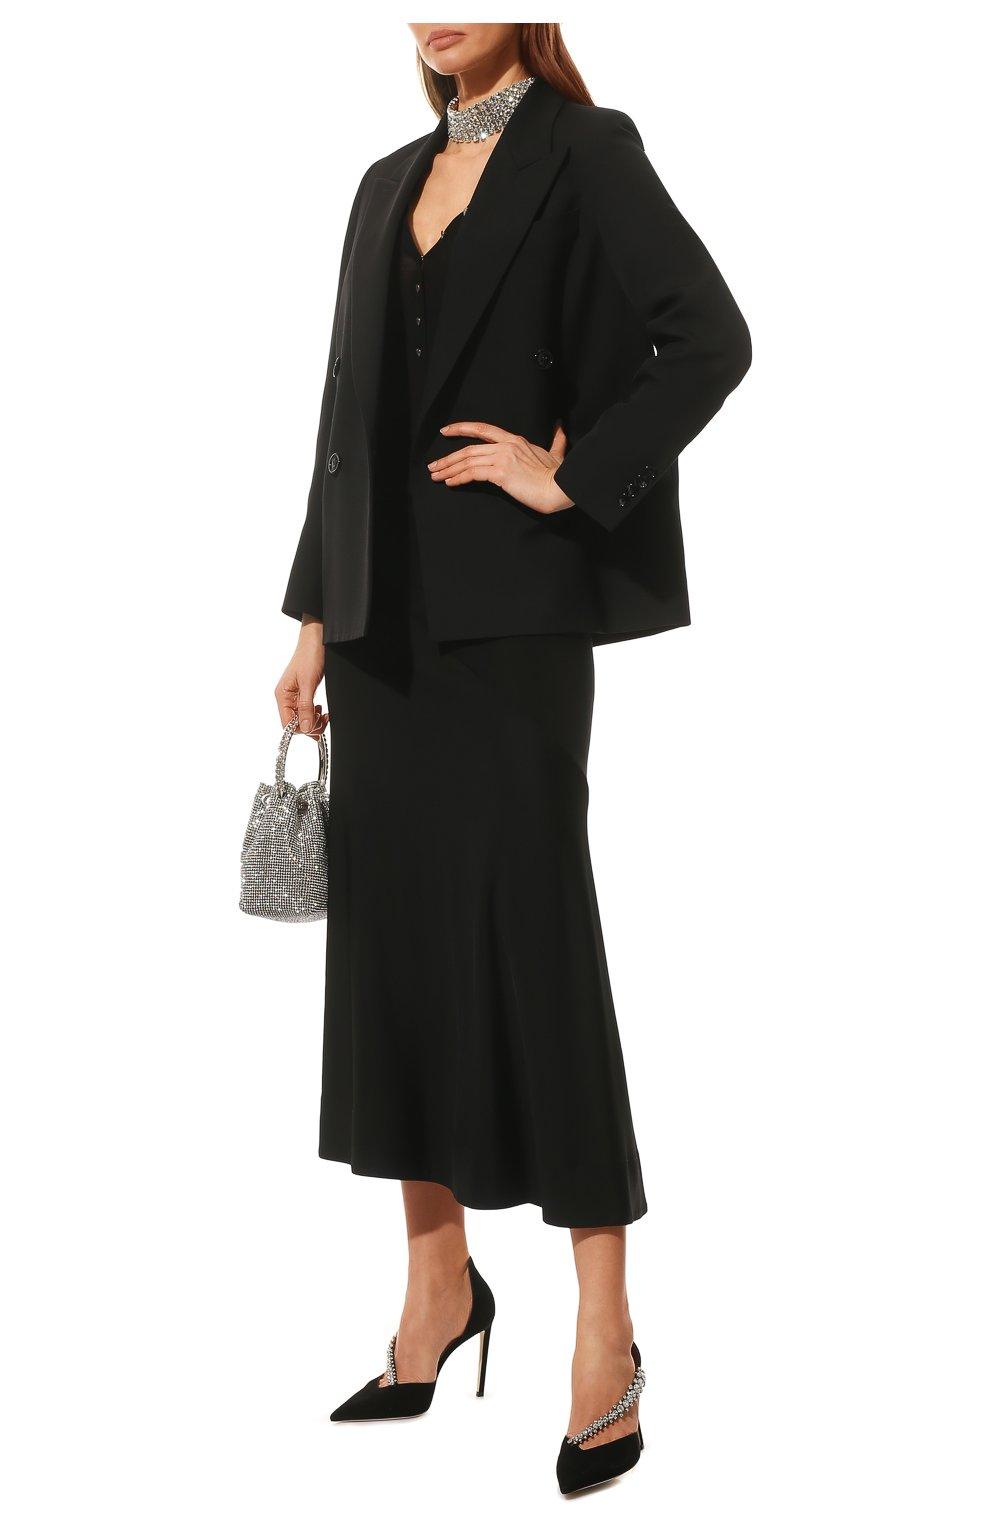 Женские замшевые туфли bee 100 JIMMY CHOO черного цвета, арт. BEE 100/SIW   Фото 2 (Каблук высота: Высокий; Материал внутренний: Натуральная кожа; Каблук тип: Шпилька; Подошва: Плоская; Материал внешний: Замша)